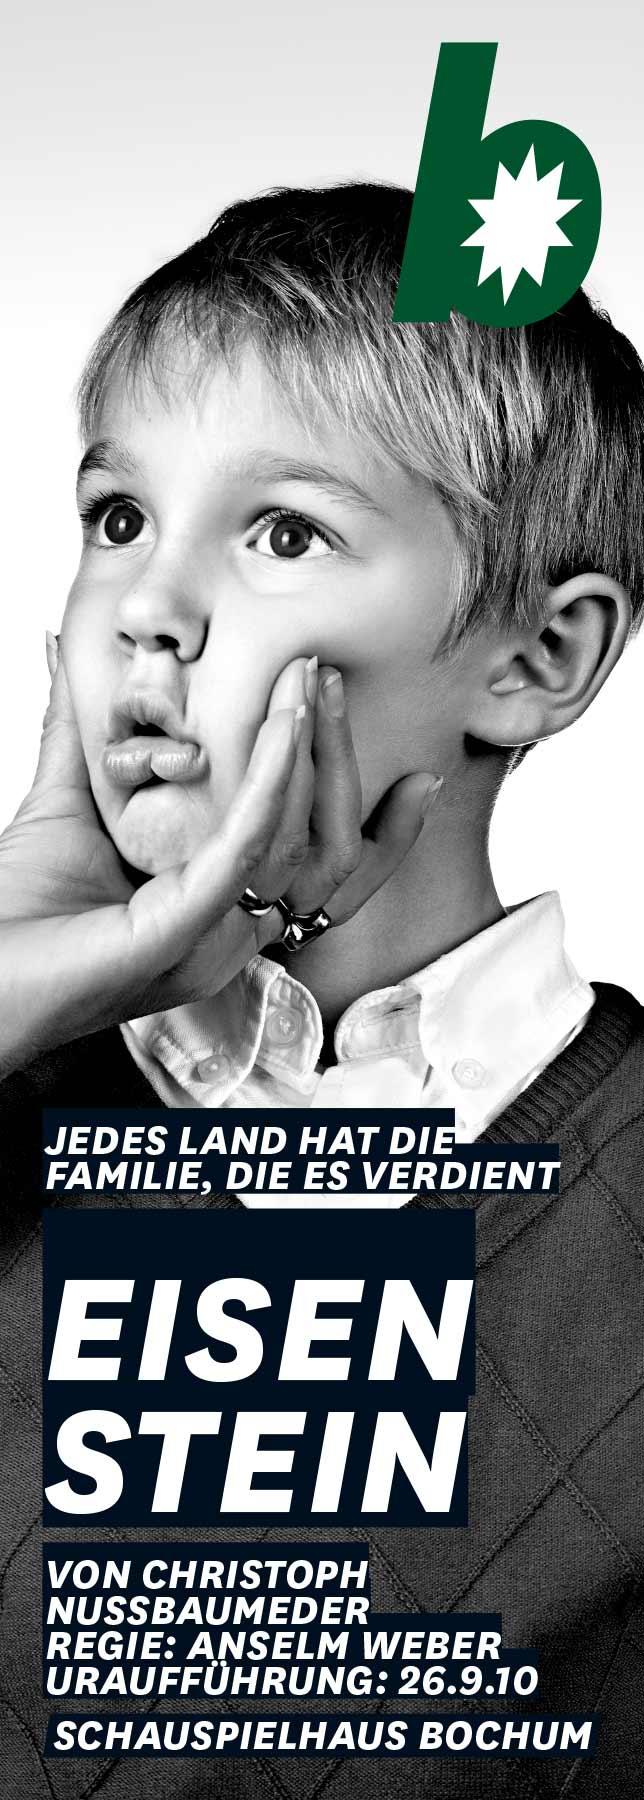 Schauspielhaus Bochum 0913-plakat-eisenstein-rz-x3